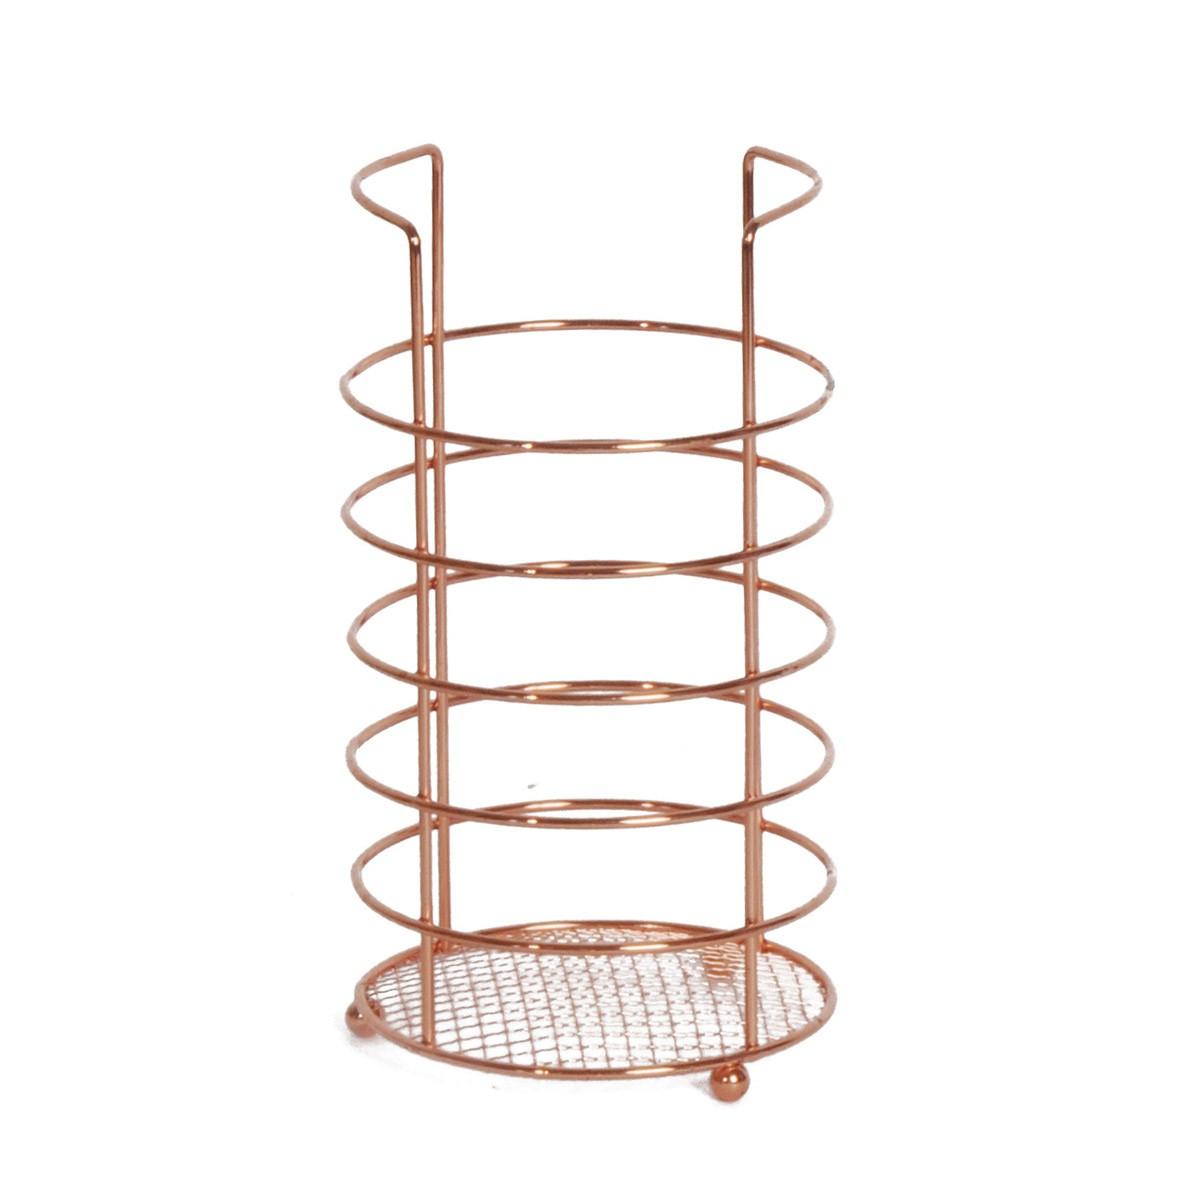 Κουταλοθήκη – Στραγγιστήρι εstia Copper 01-1469